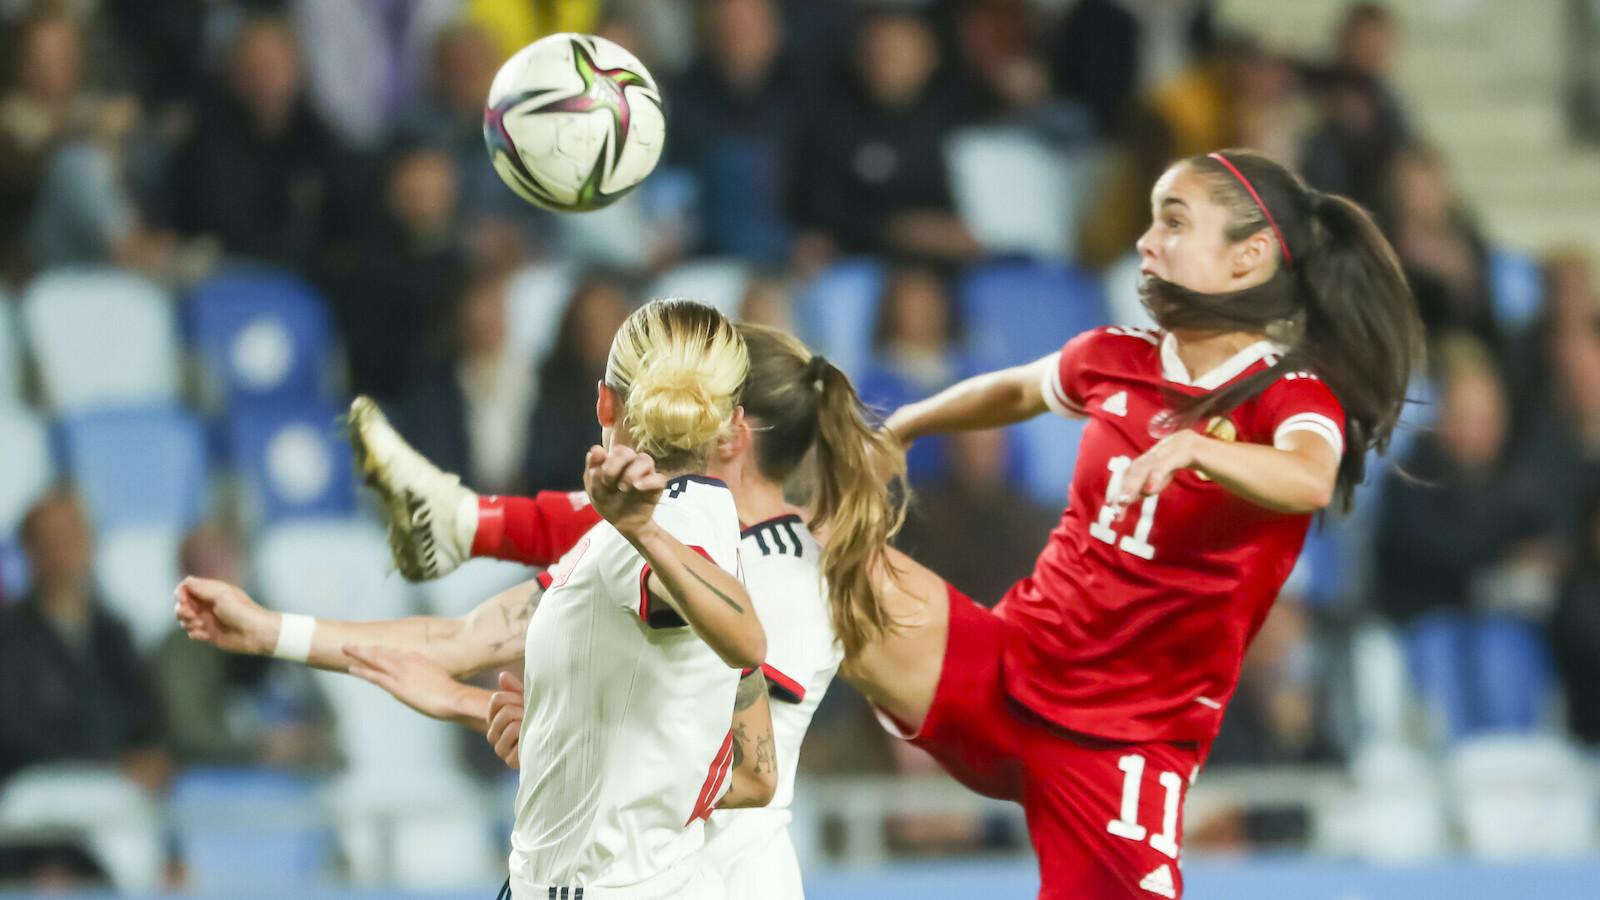 Válogatott: Ketten kezdtek, egy játékosunk csereként állt be a spanyolok ellen